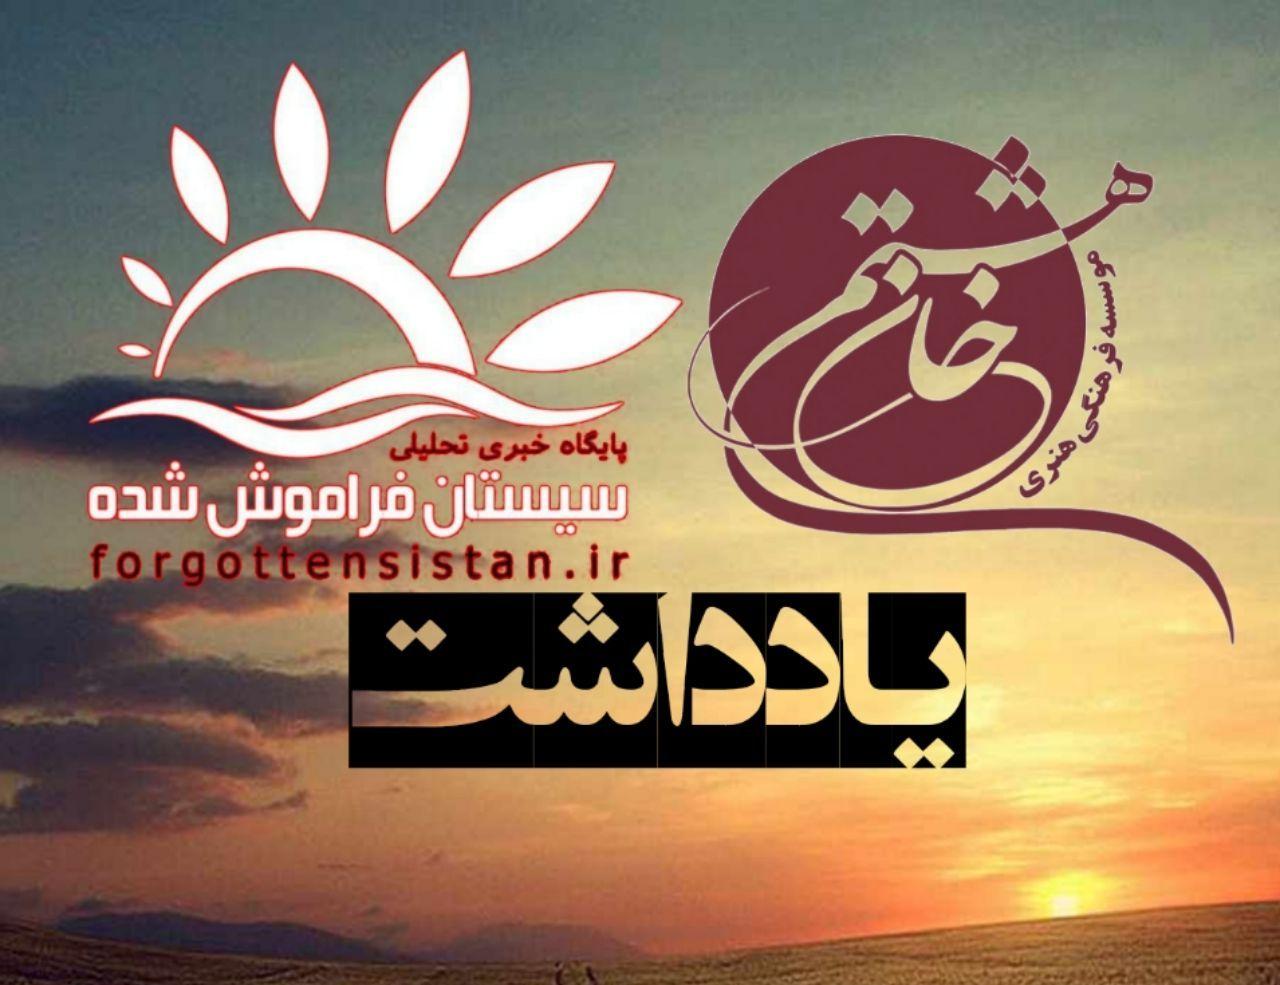 يادداشتی بر تعليق يک كار فرهنگی موفق در سيستان